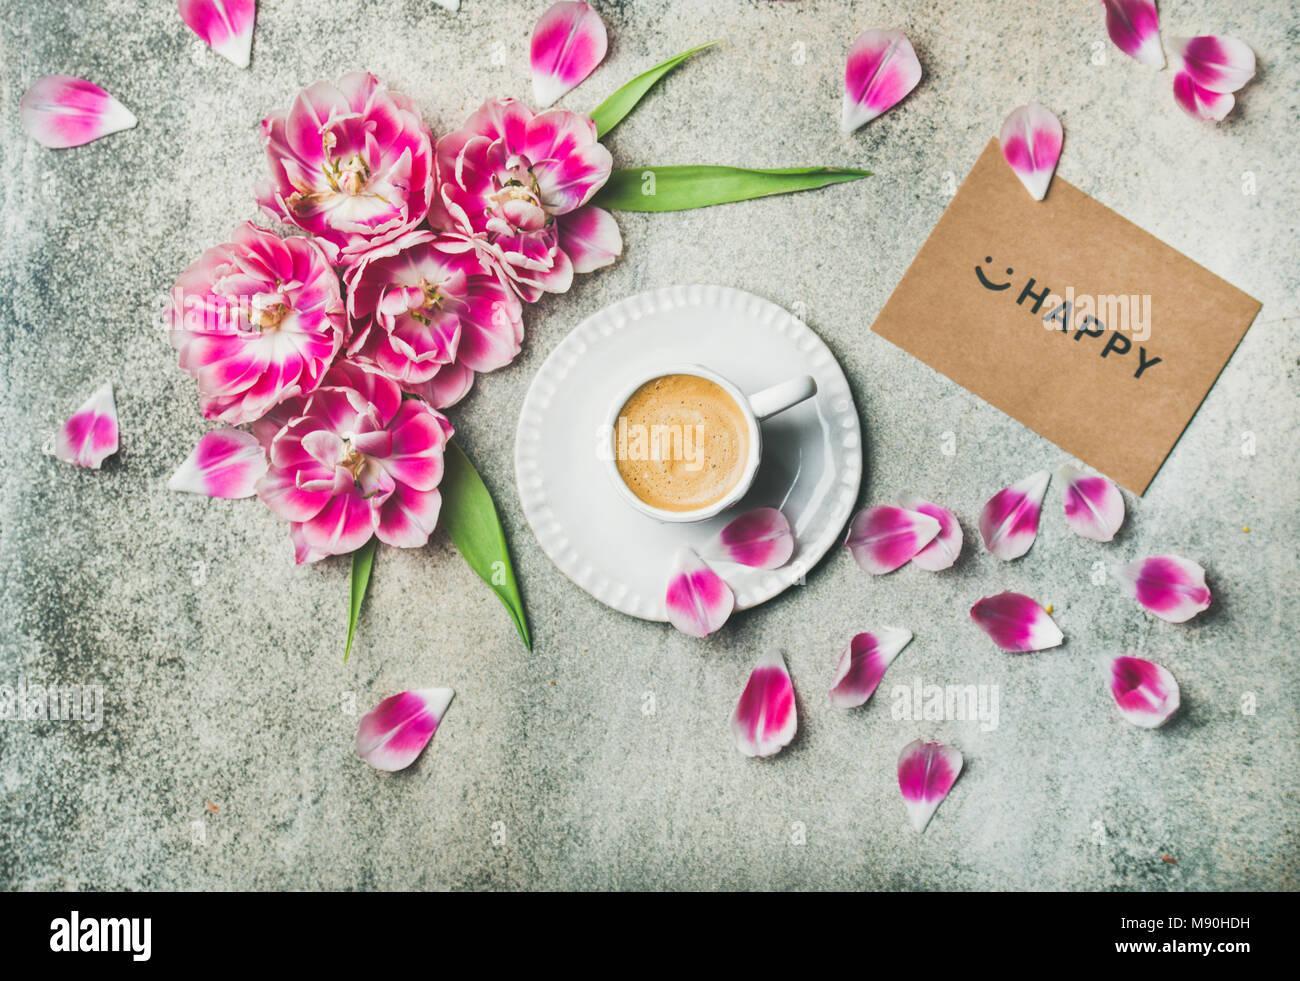 Tazza Di Caffè Circondato Con Rosa Tulip Fiori Sfondo Marmo Foto